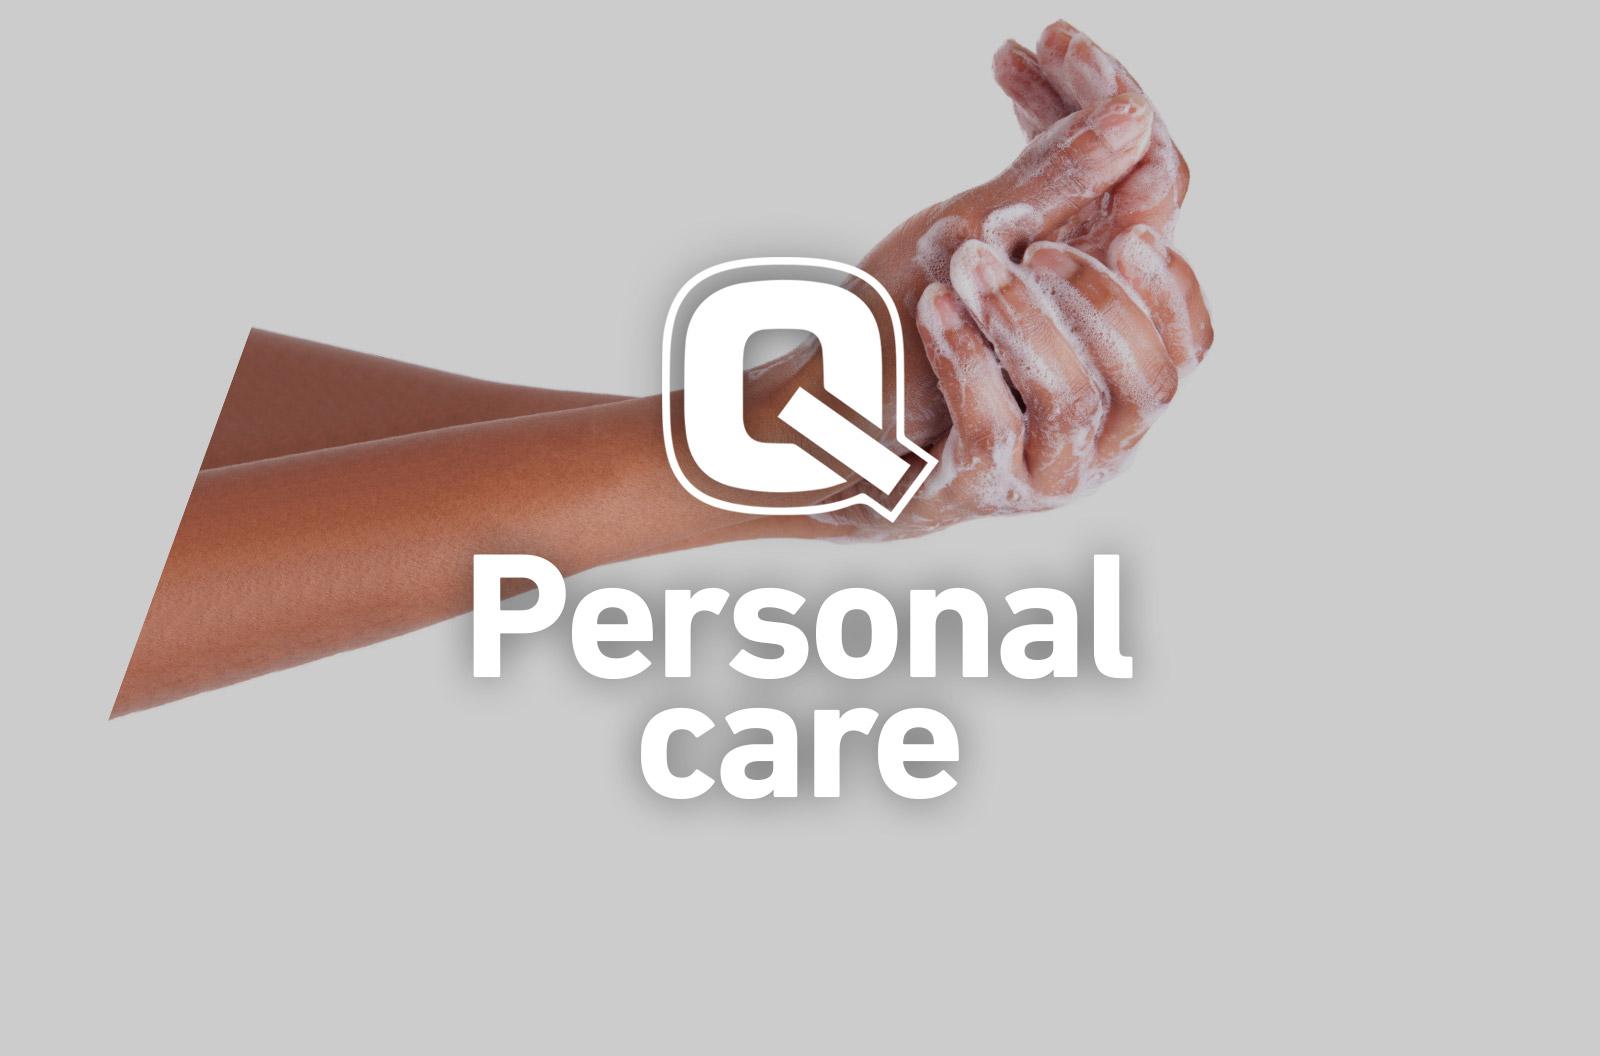 Quimidex Personal care